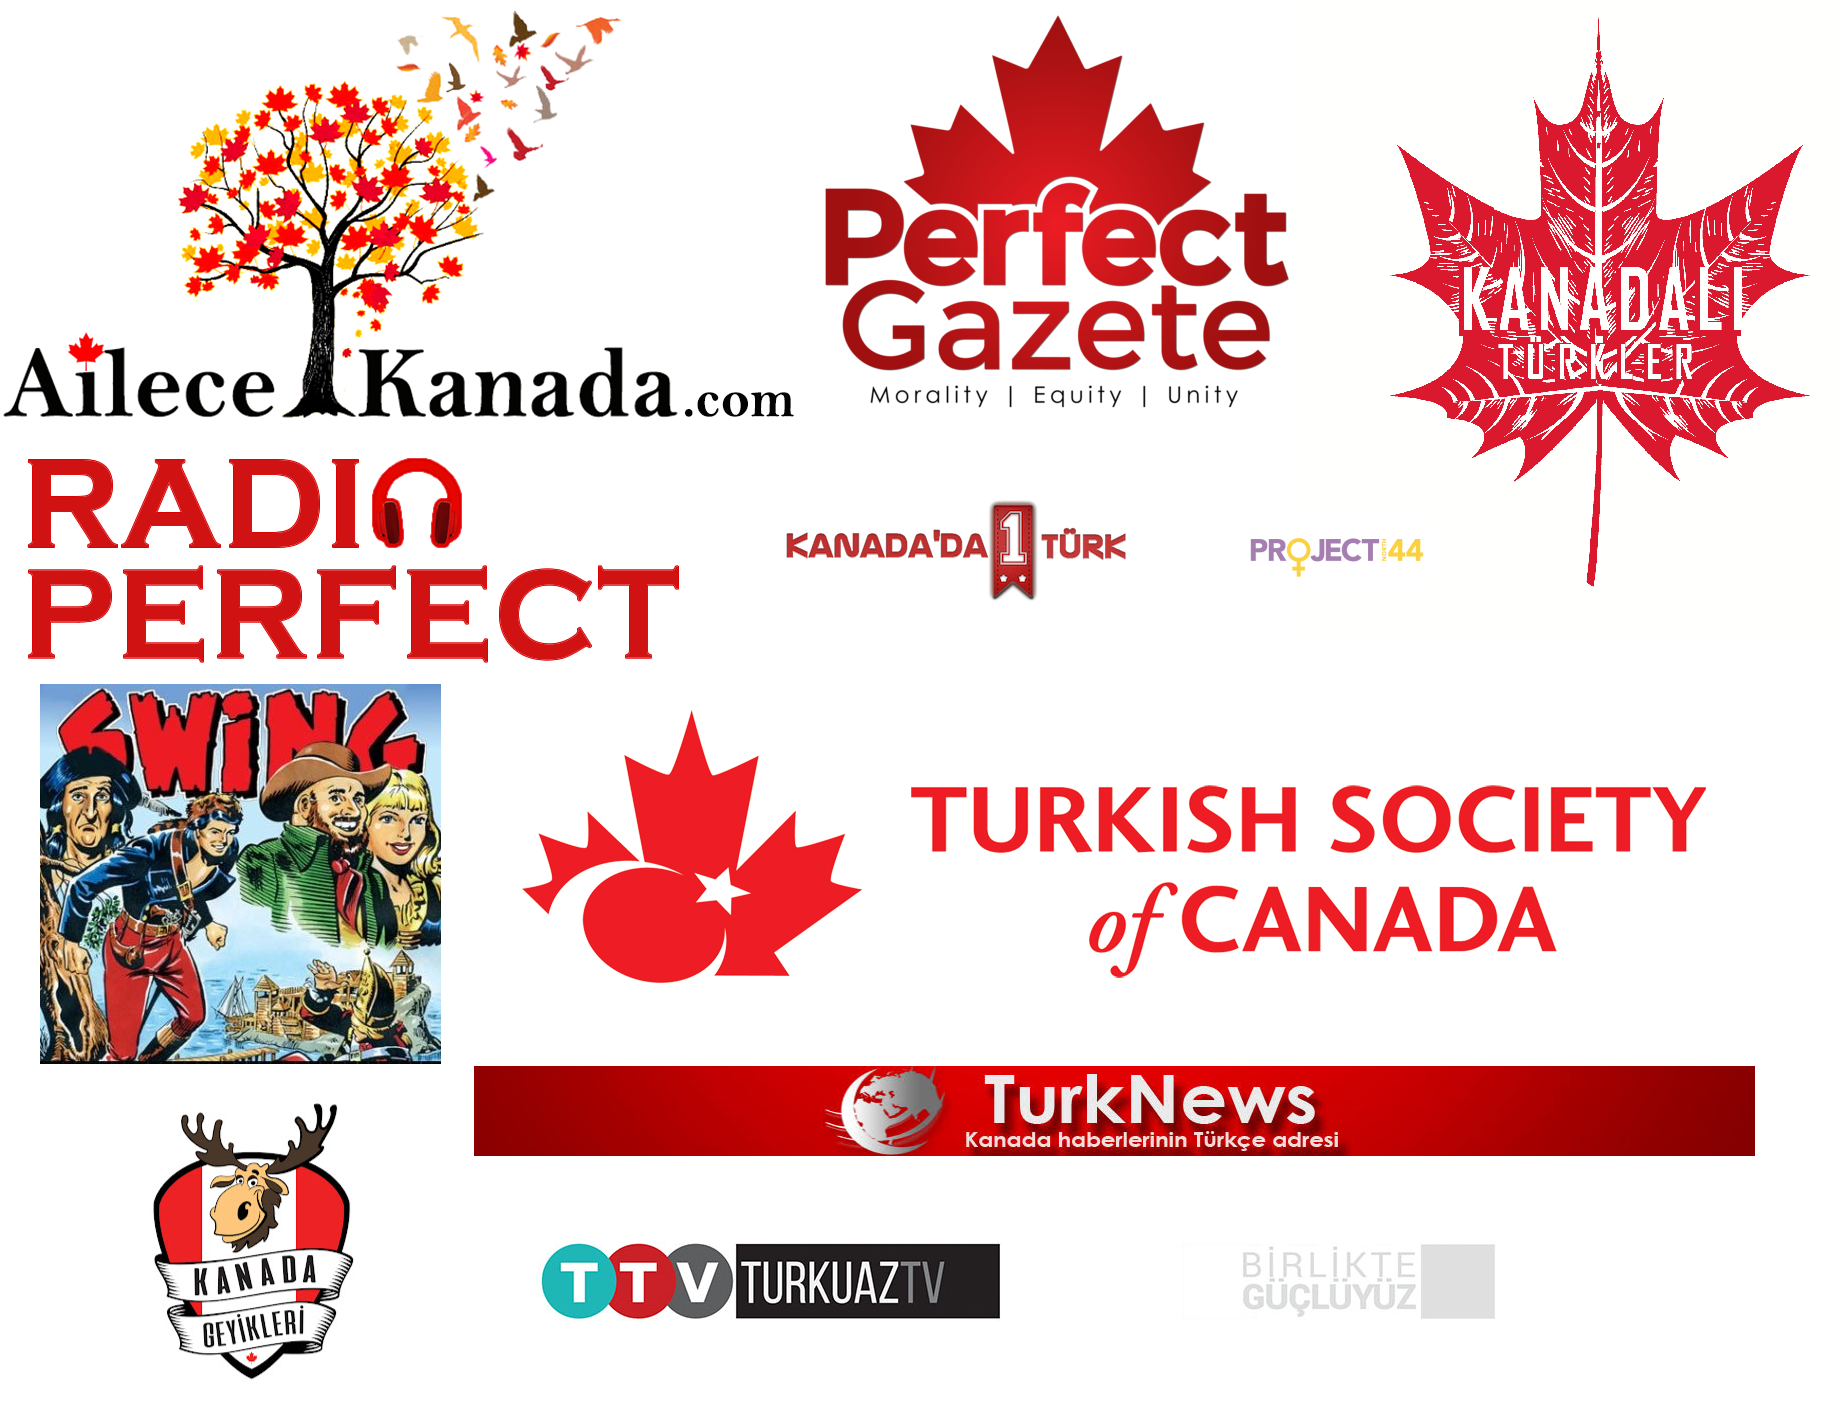 Kanada'da Faydalı Türk Oluşumları